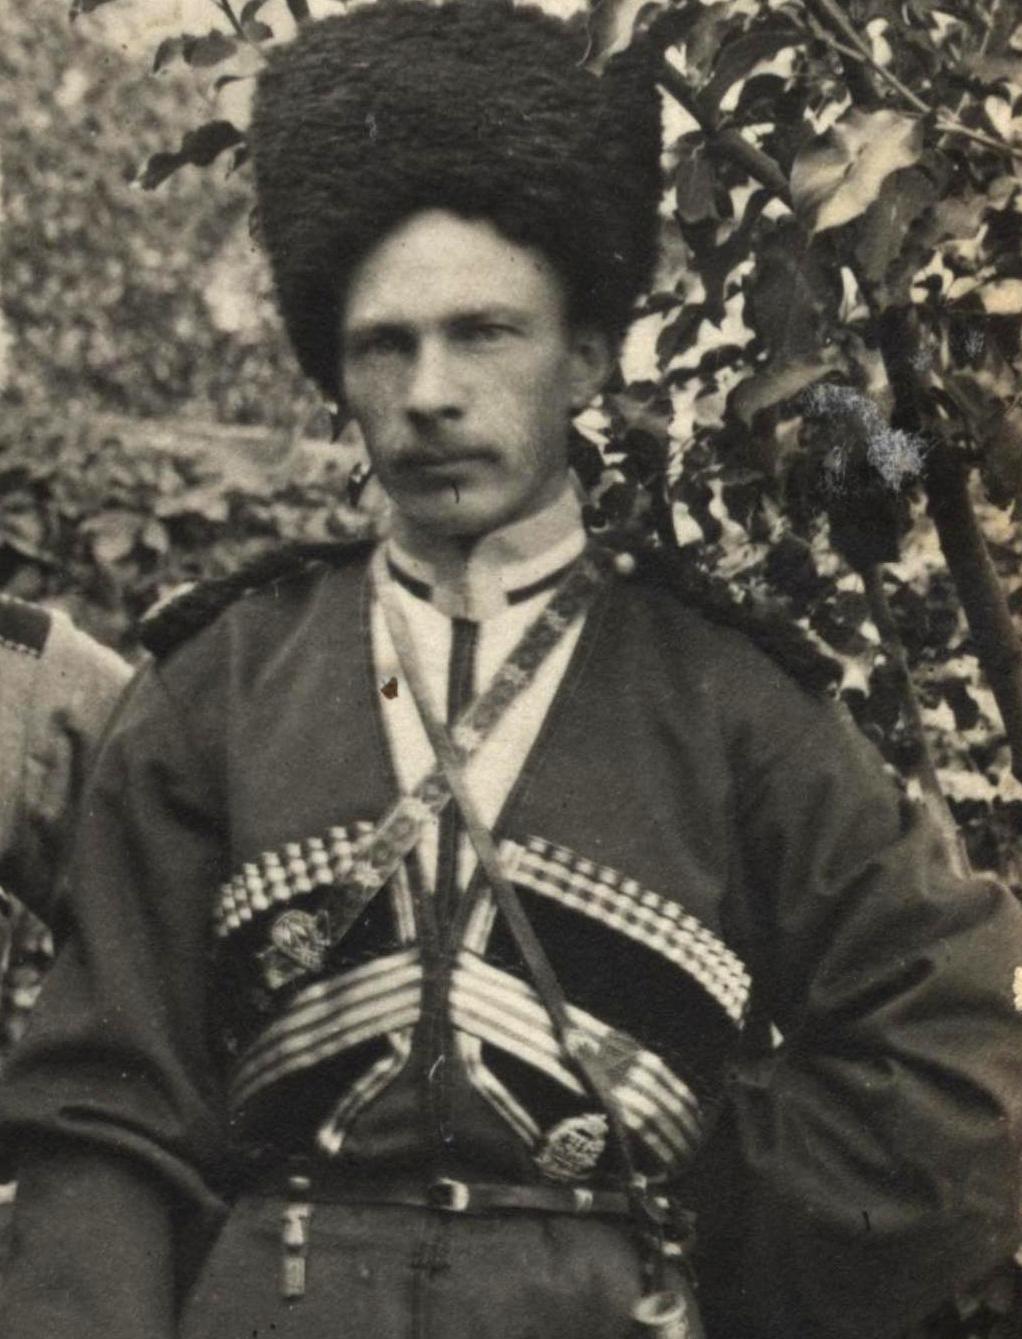 рекуперации терские казаки внешность фото прямой печати